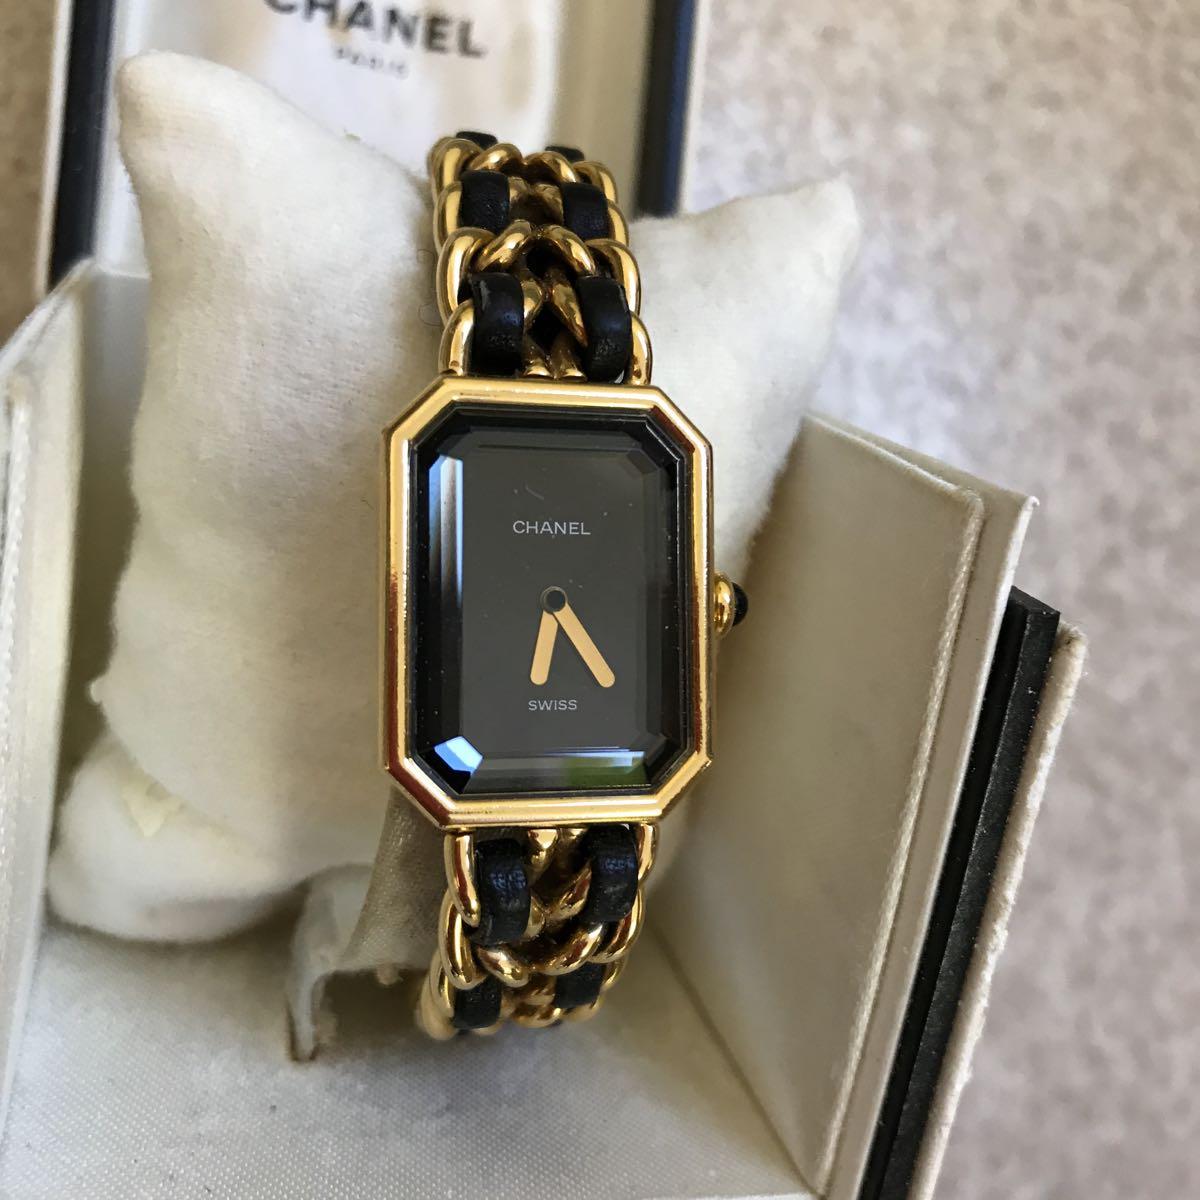 CHANEL 腕時計 プルミエール 正規品 Lサイズ_画像3